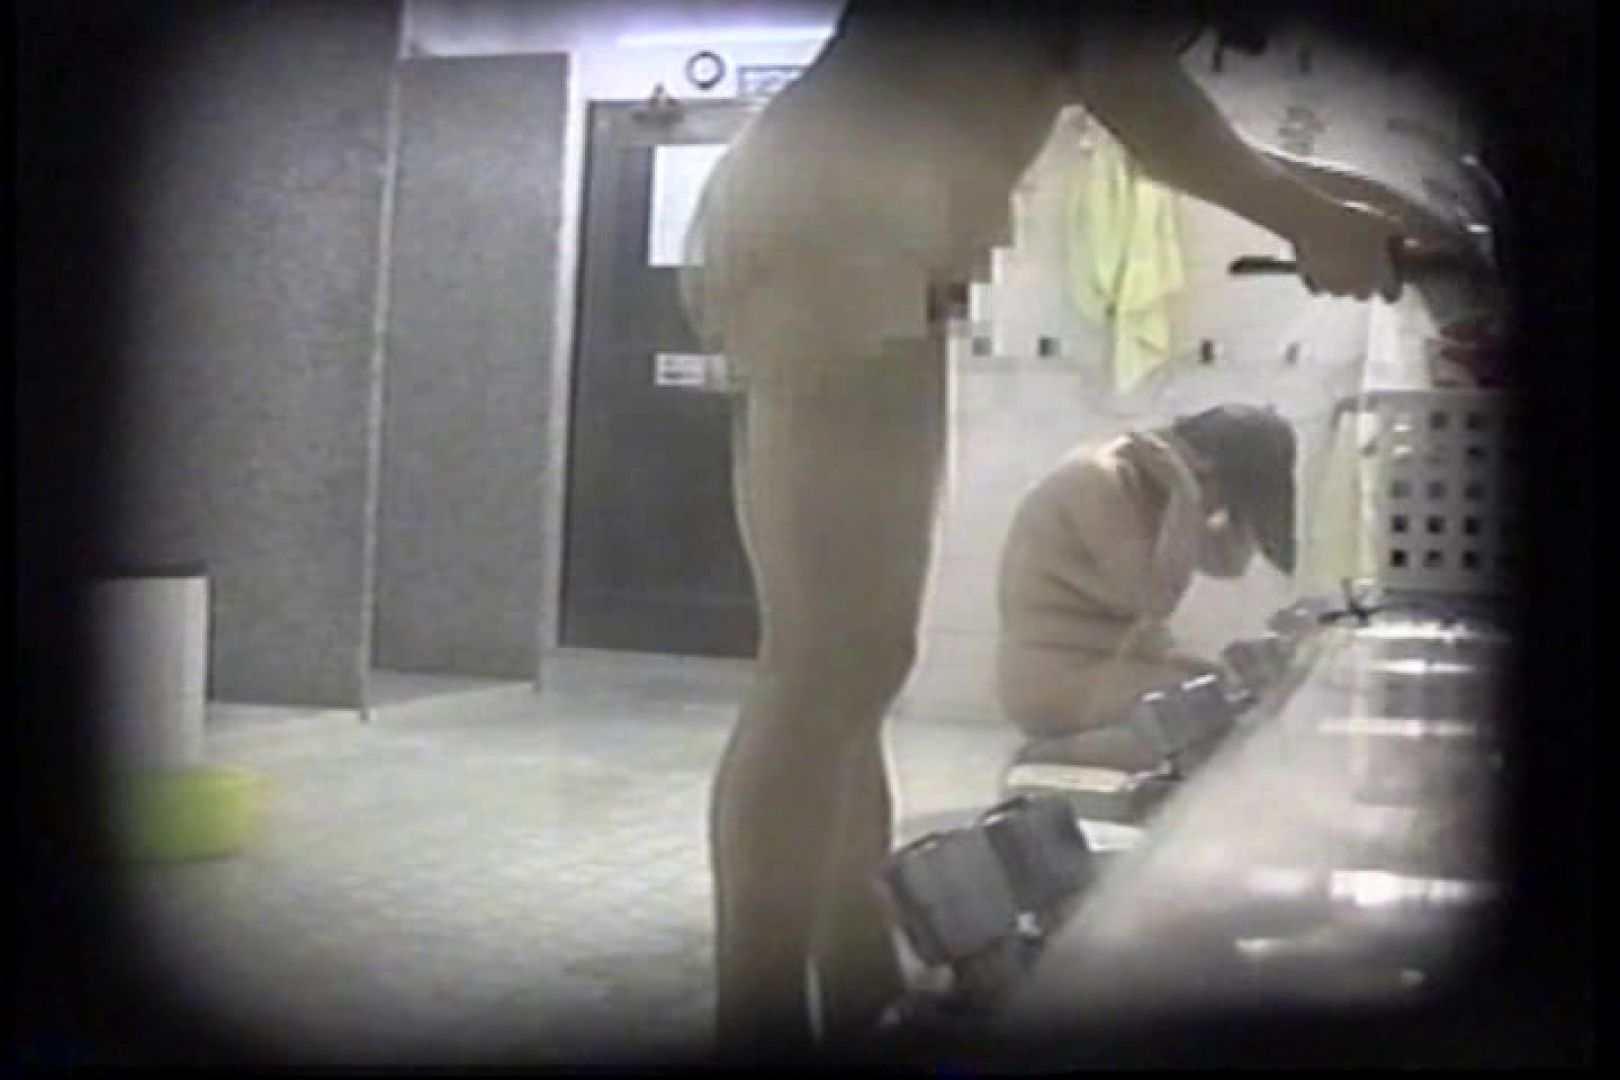 洗面器にカメラを仕込んで洗い場内を移動盗撮 TK-131 裸体   盗撮  93PICs 49